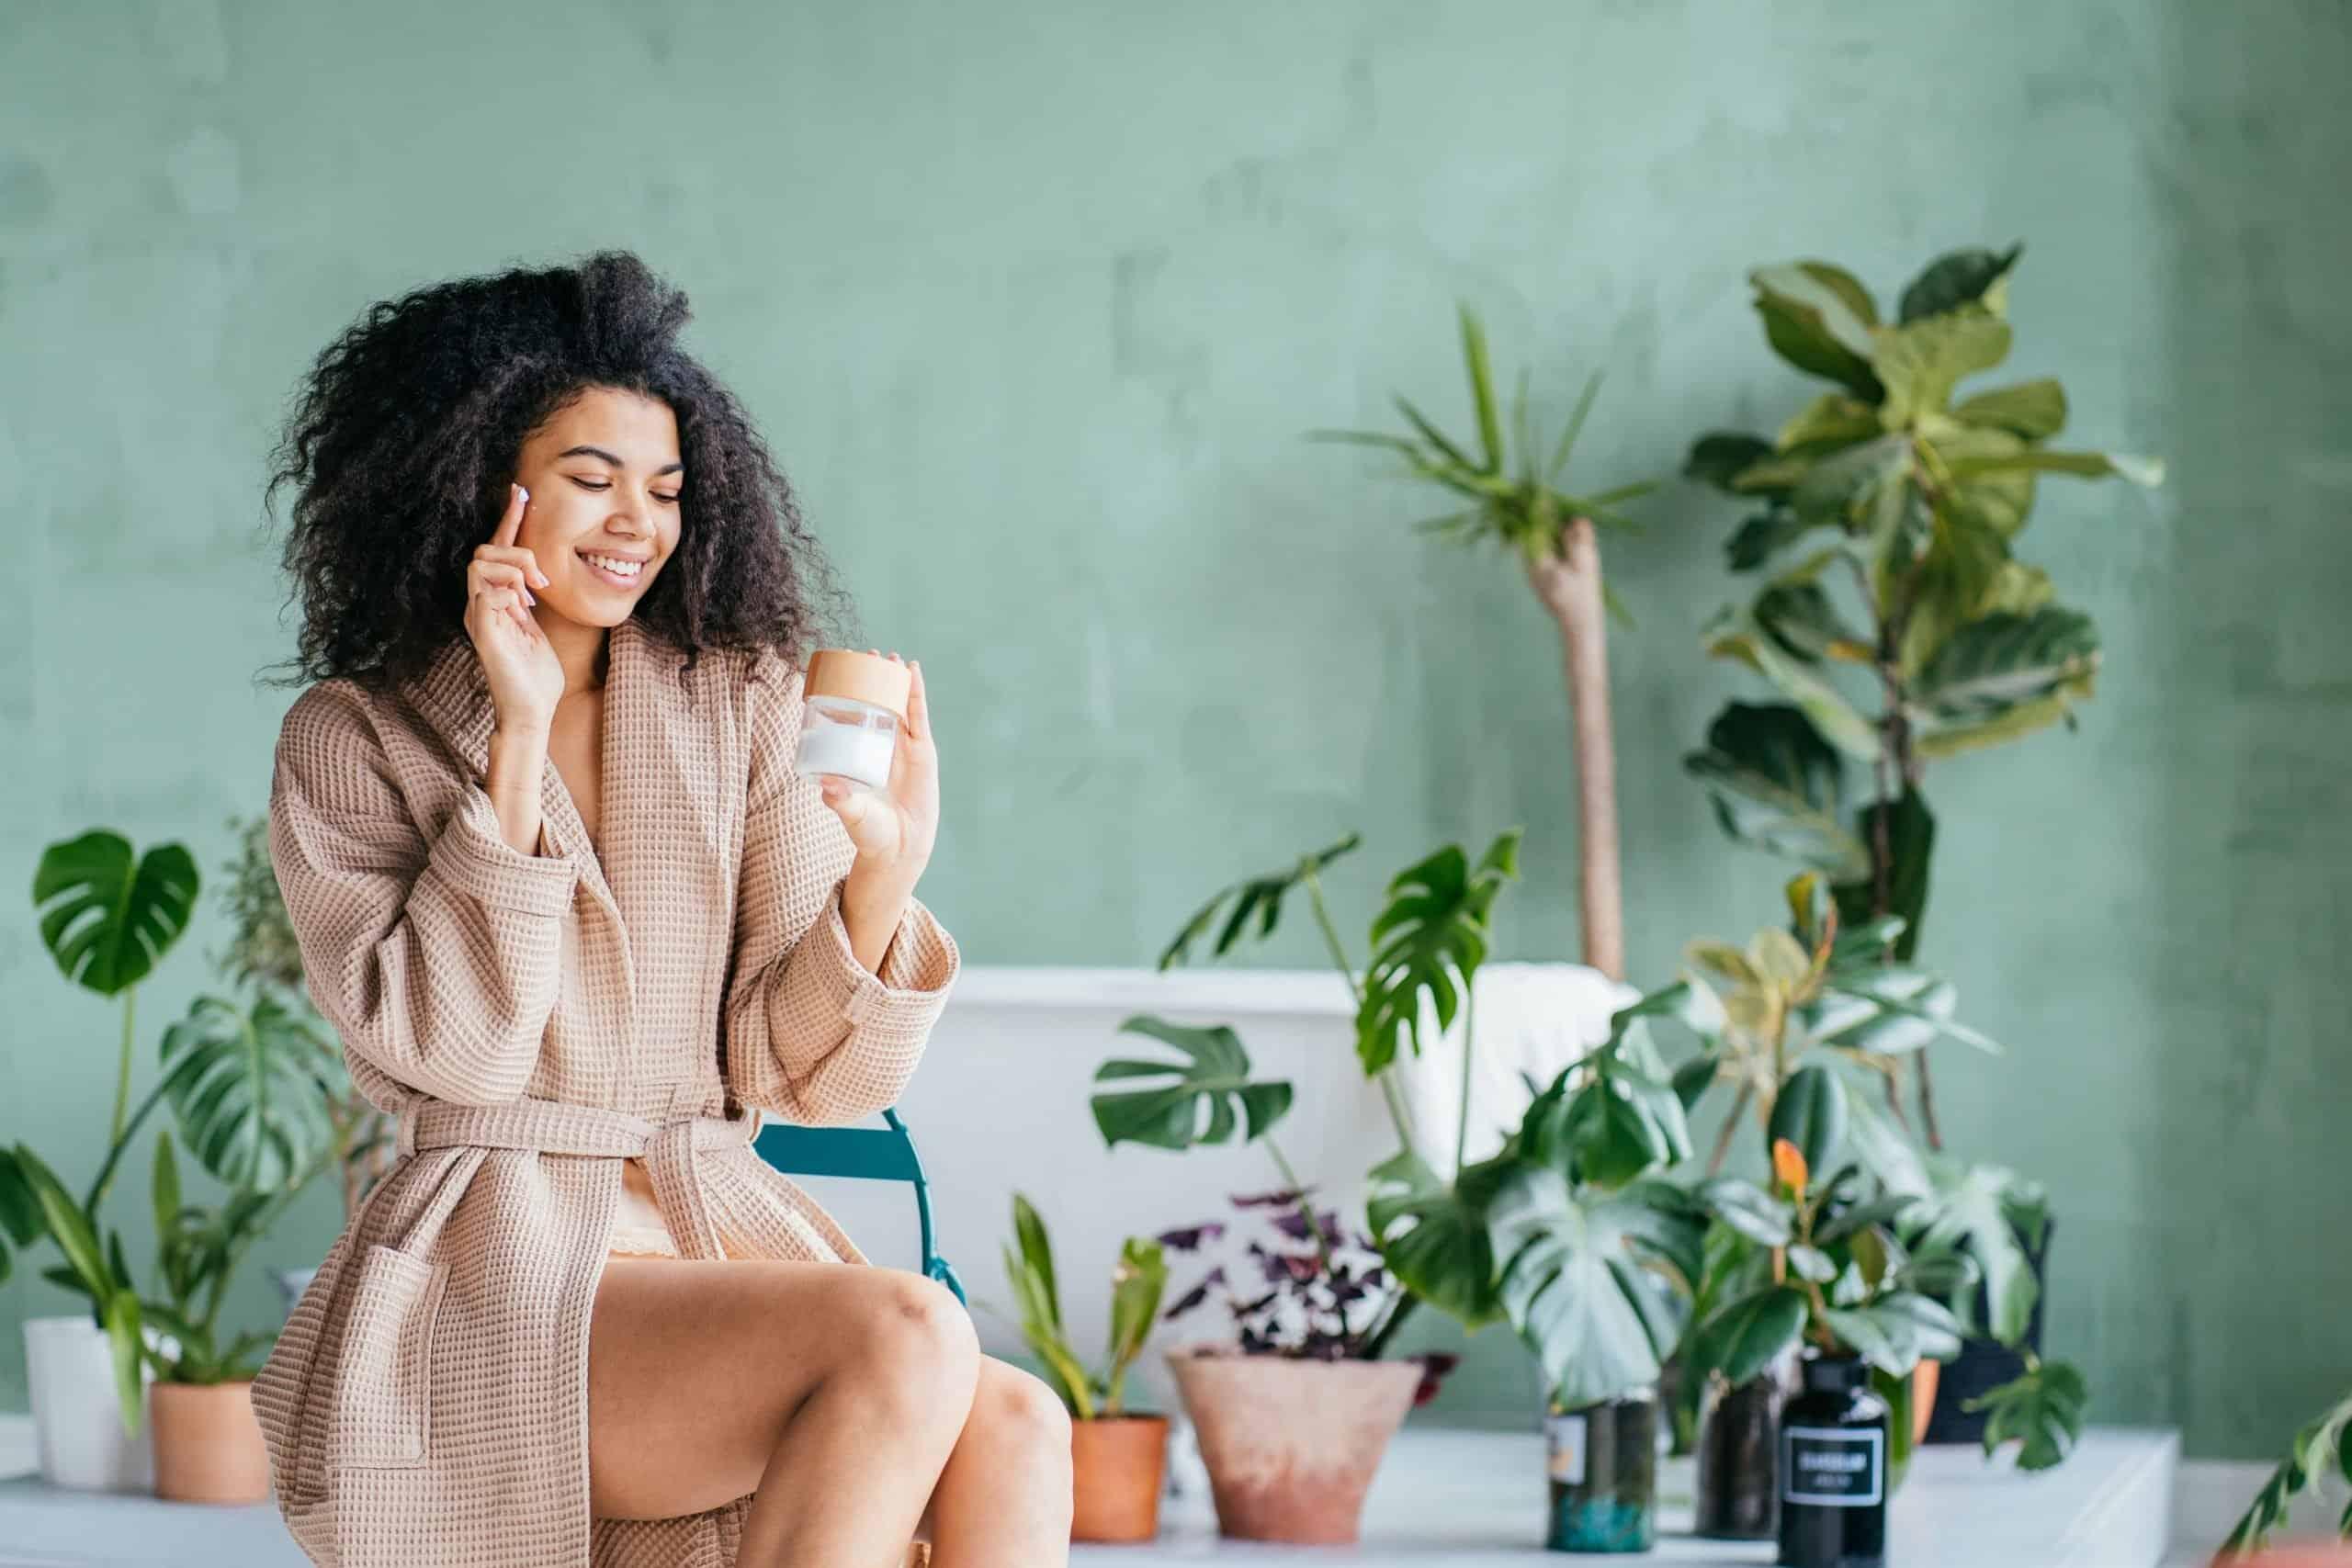 smiling woman enjoying skin care